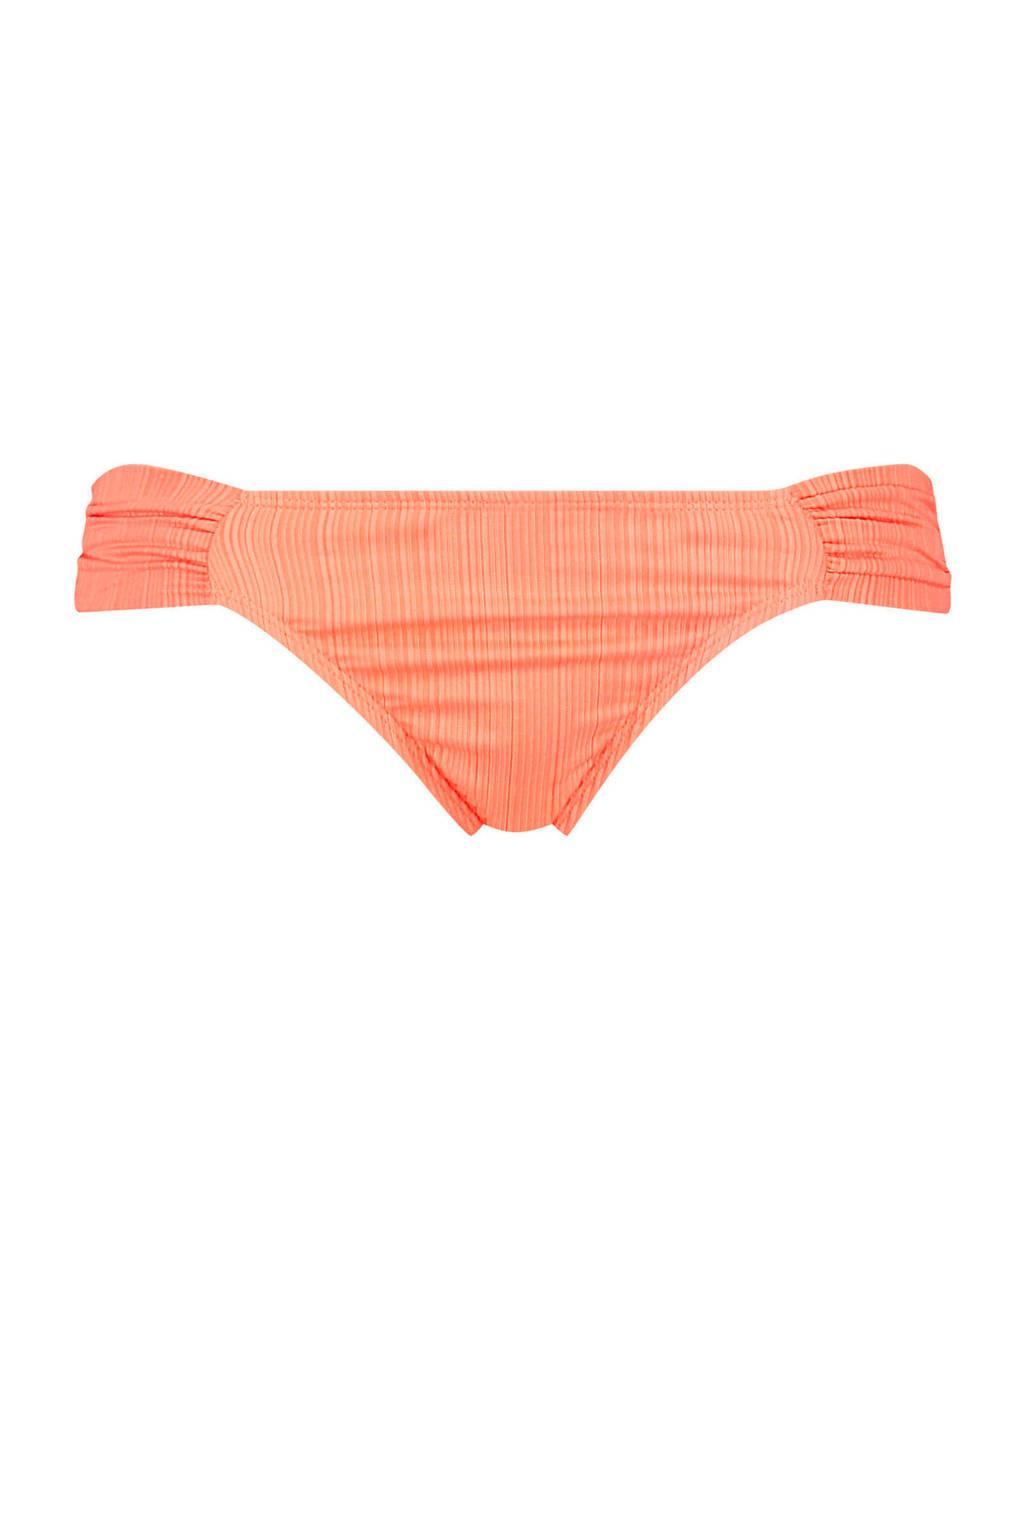 Hunkemöller bikinibroekje Desire Goddes Doutzen koraal, Koraal